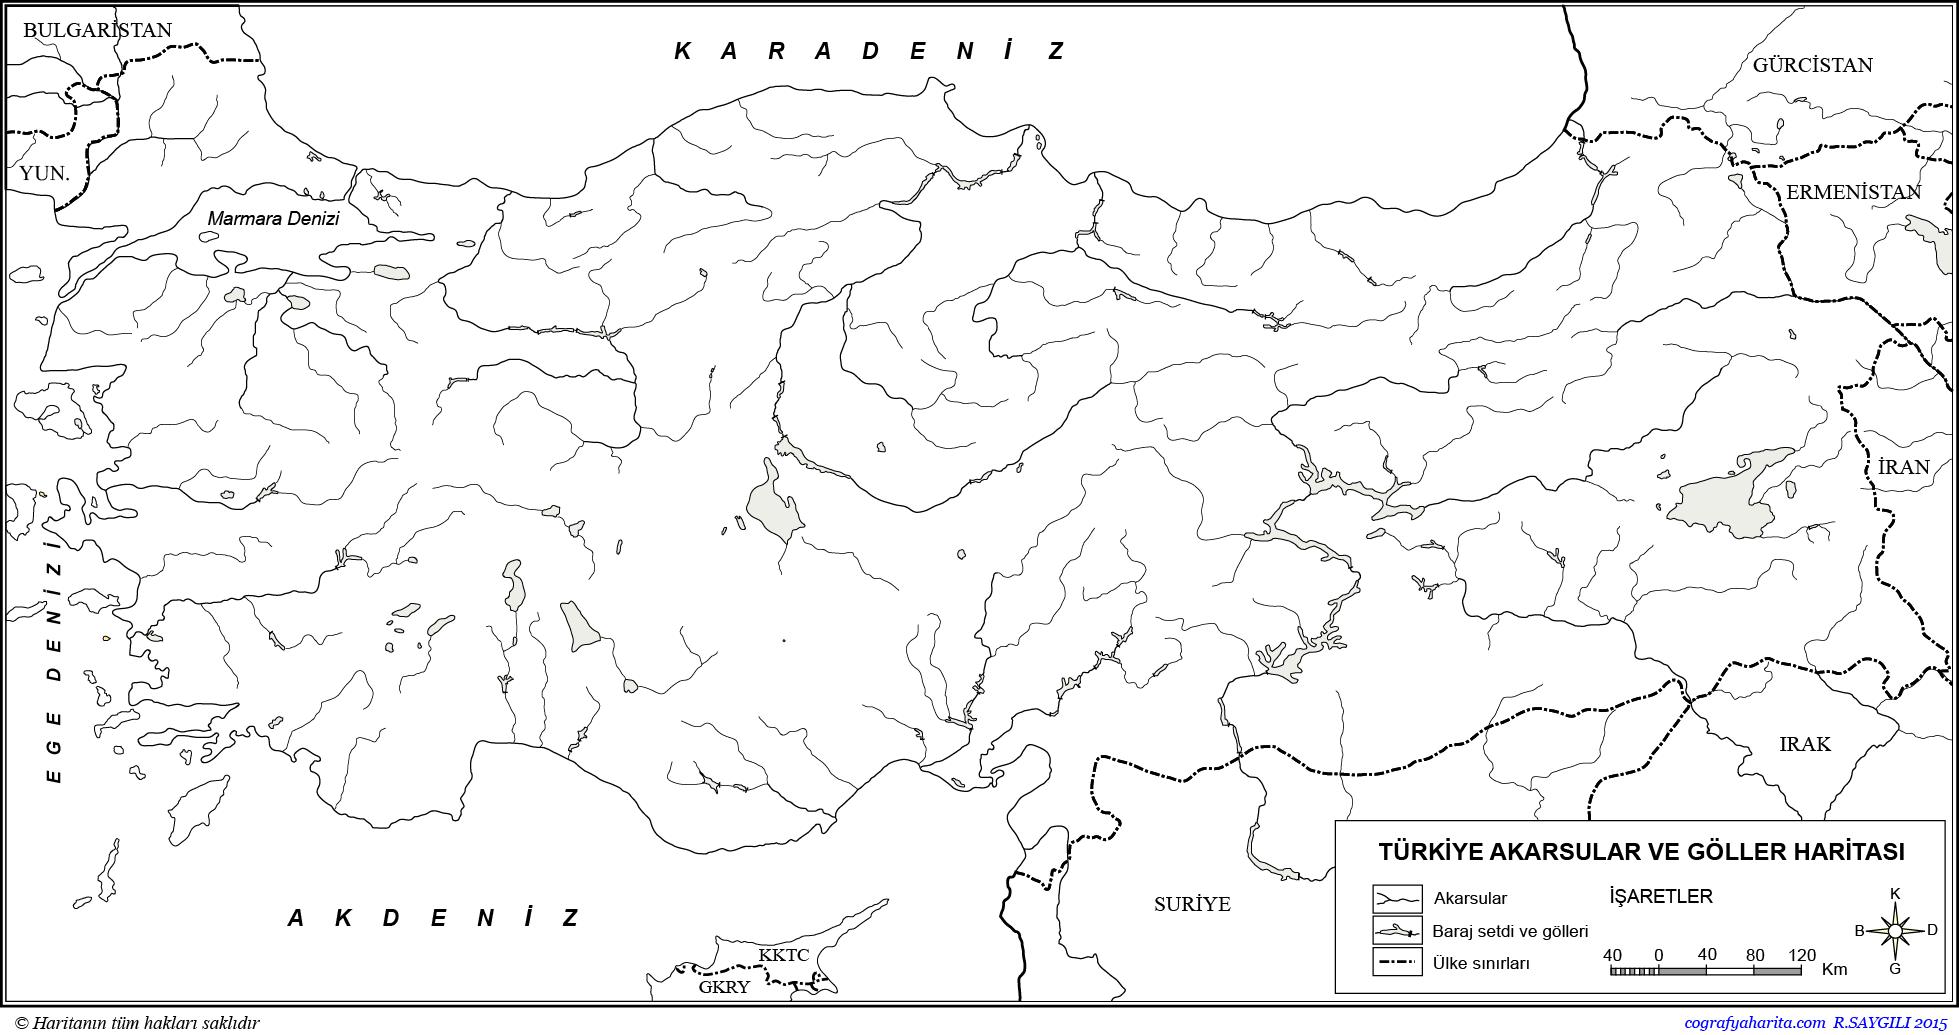 4jturkiye Dilsiz Akarsular Ve Goller Haritasi Tekr Png 1959 1035 Harita Haritalar Goller